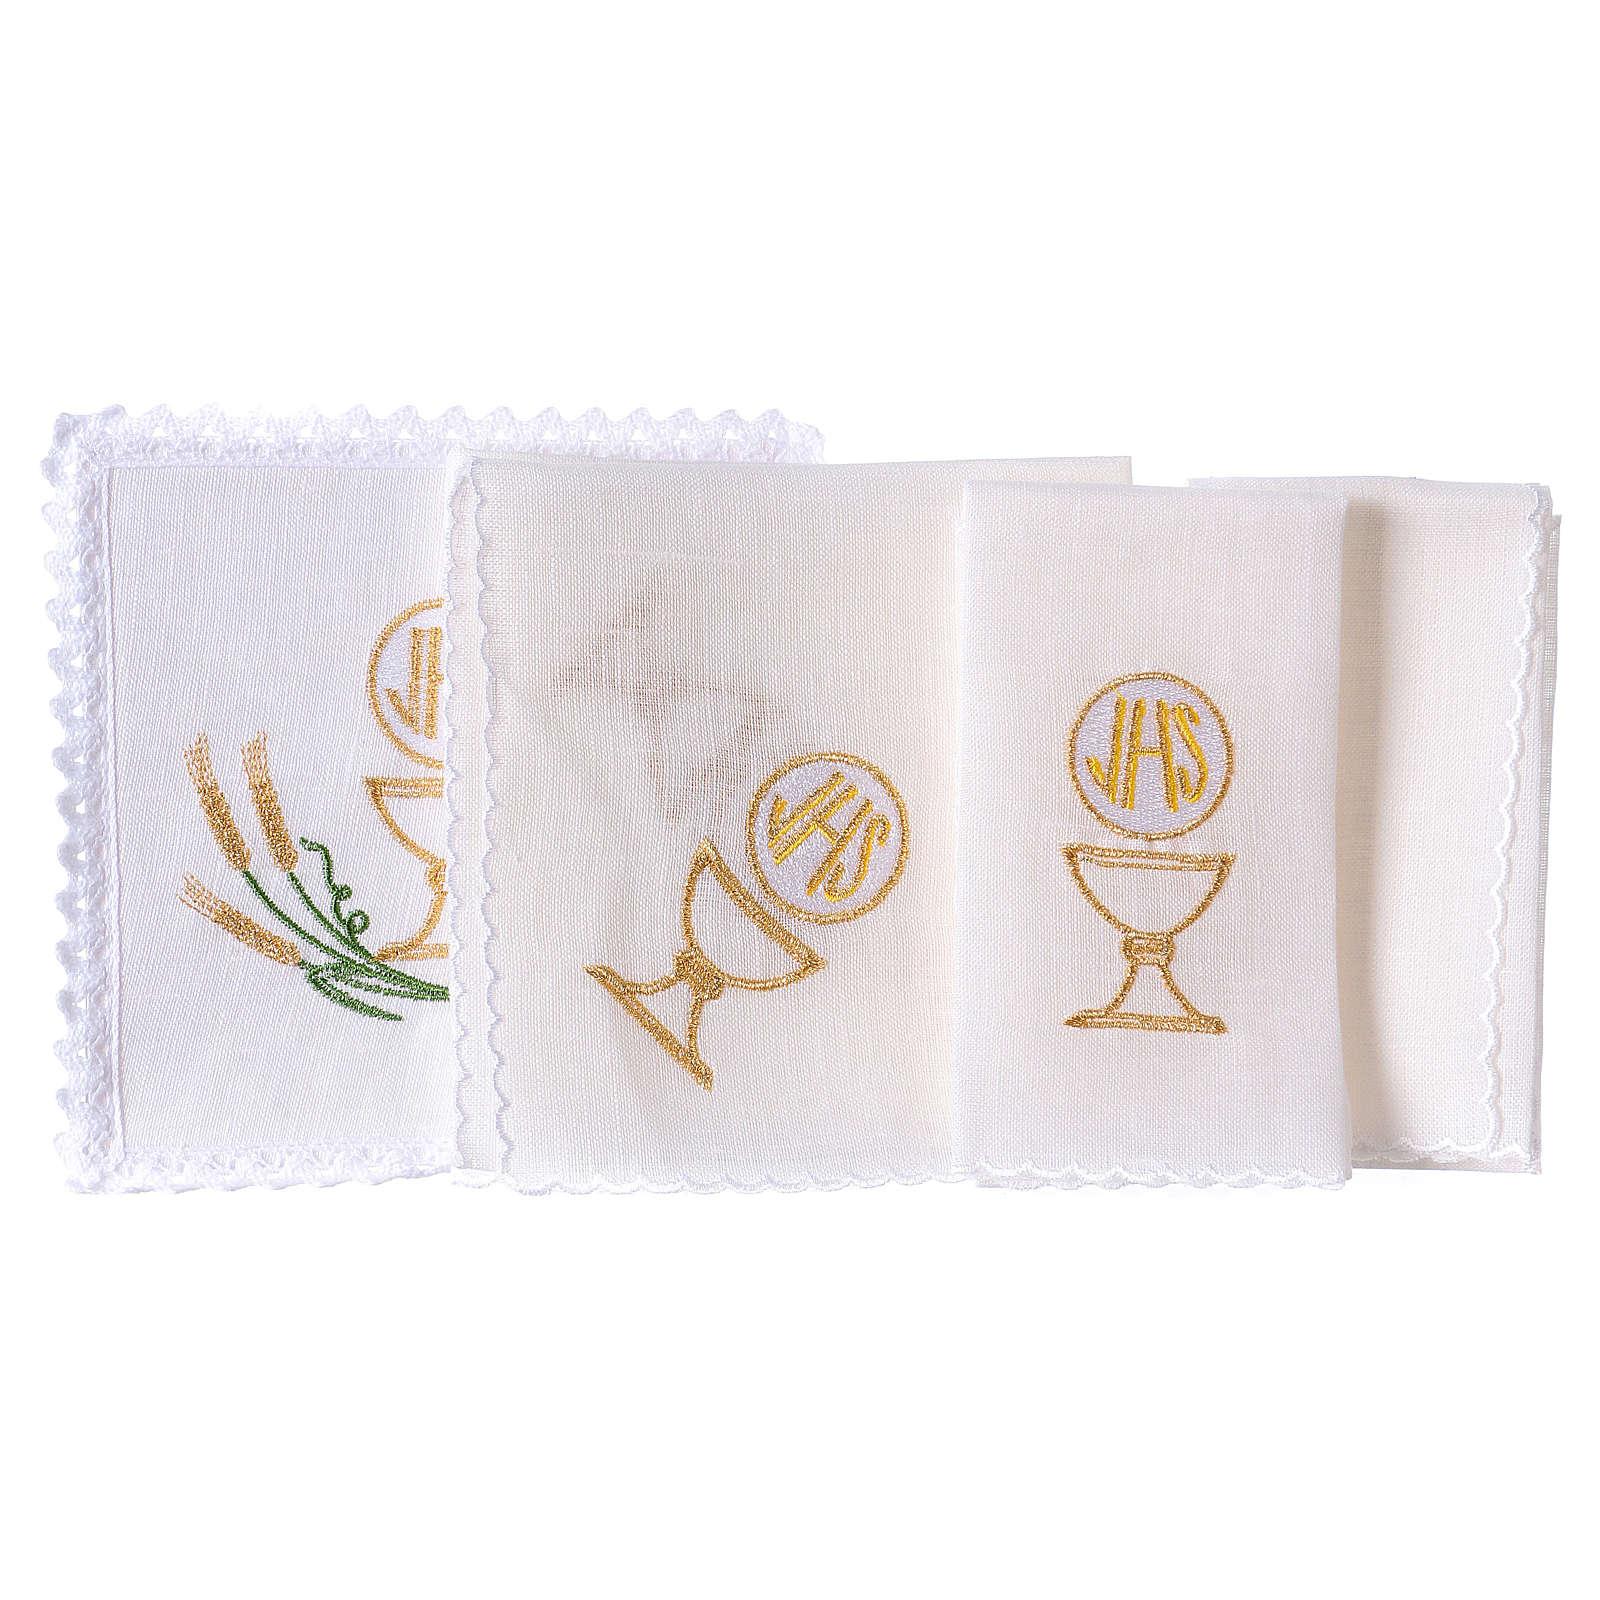 Linge autel lin épis stylisés jaune or vert calice IHS 4